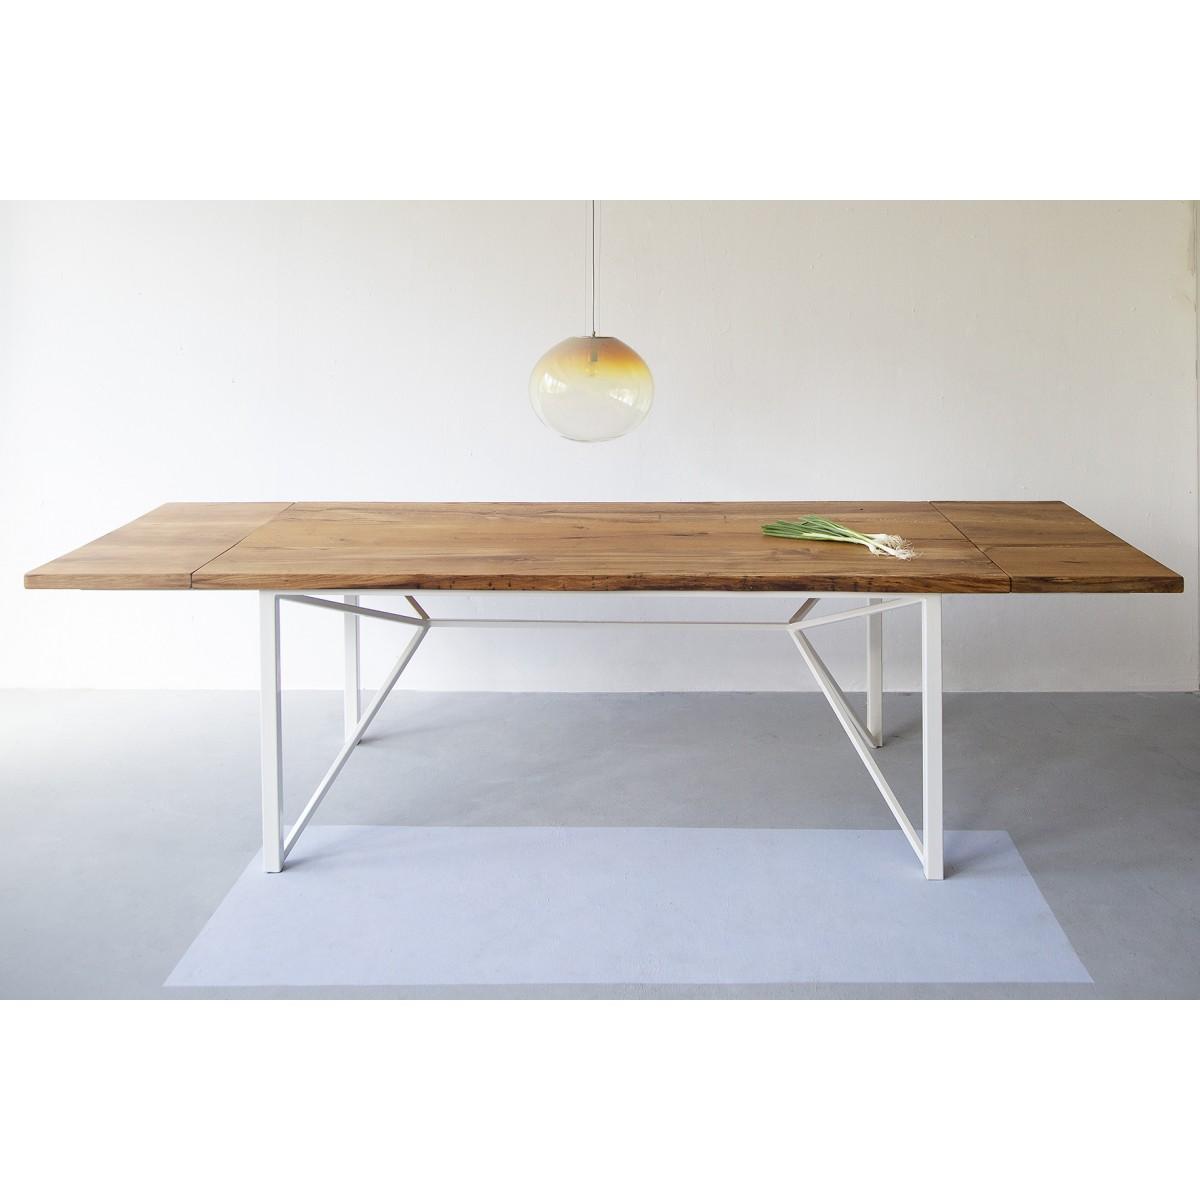 FraaiBerlin – Esstisch aus Altholz Eiche Loren/Donoe weiß mit Ansteckplatten